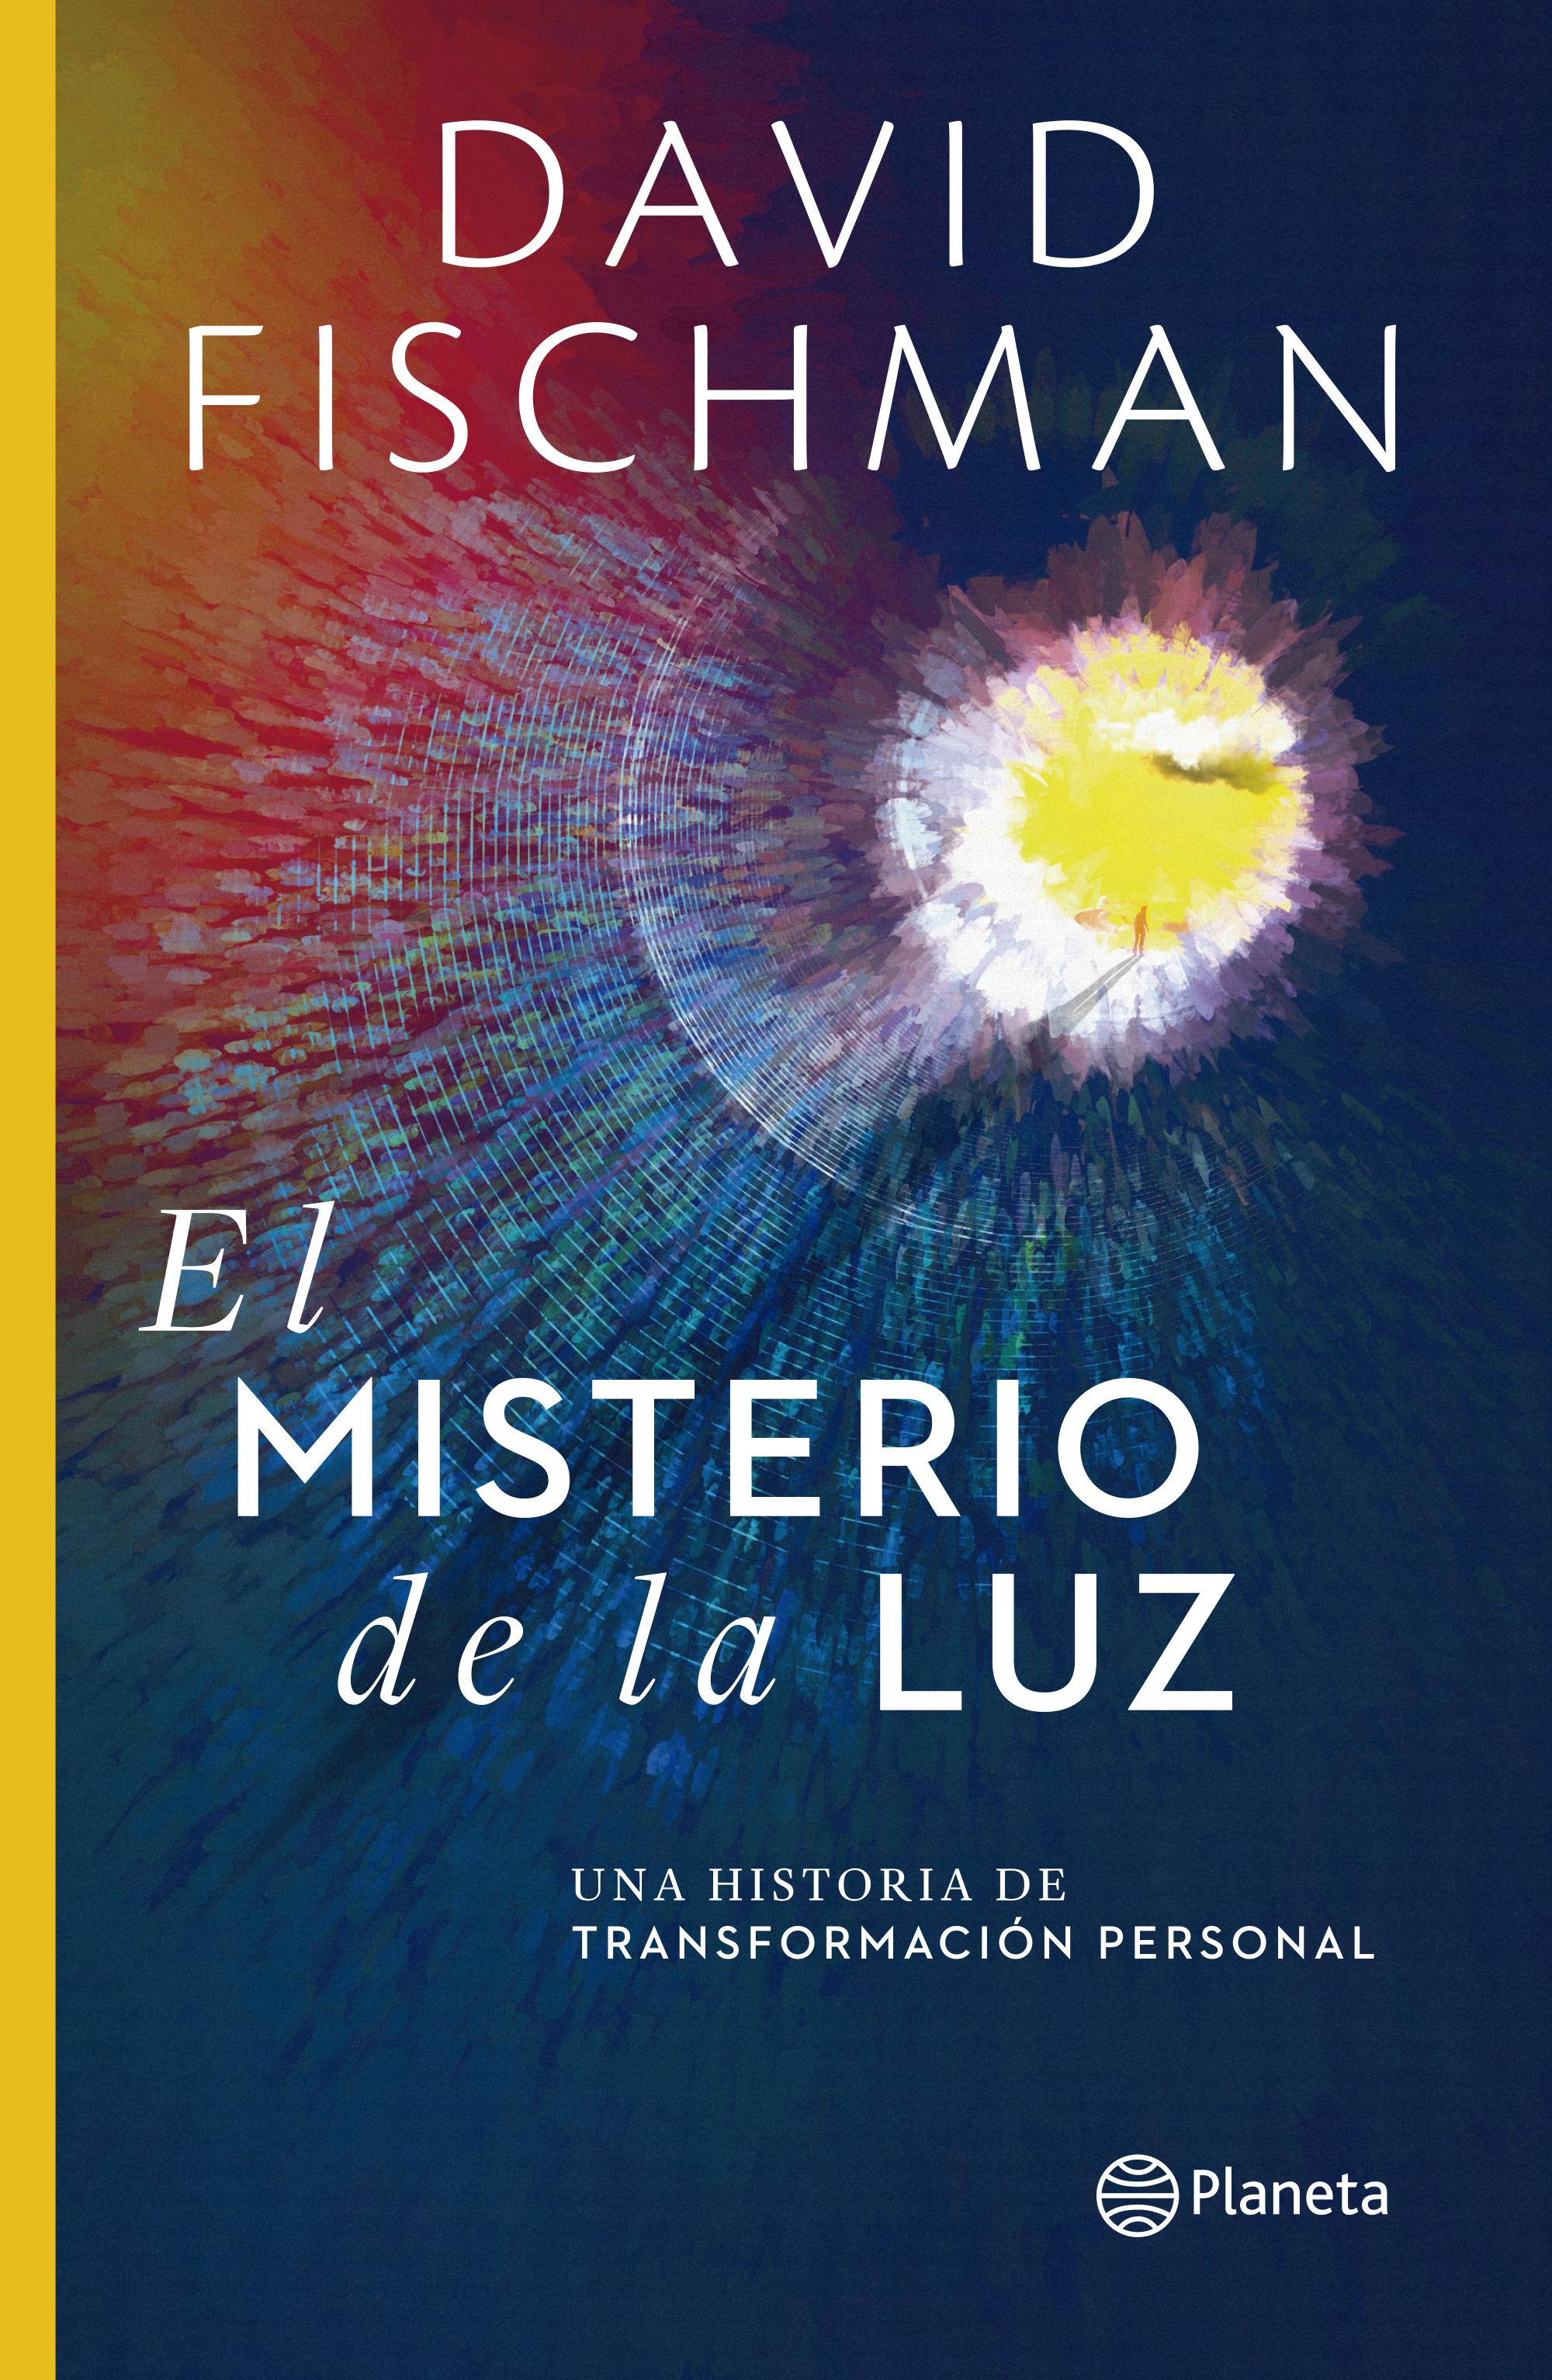 El Misterio de la luz - David Fischman - Planeta